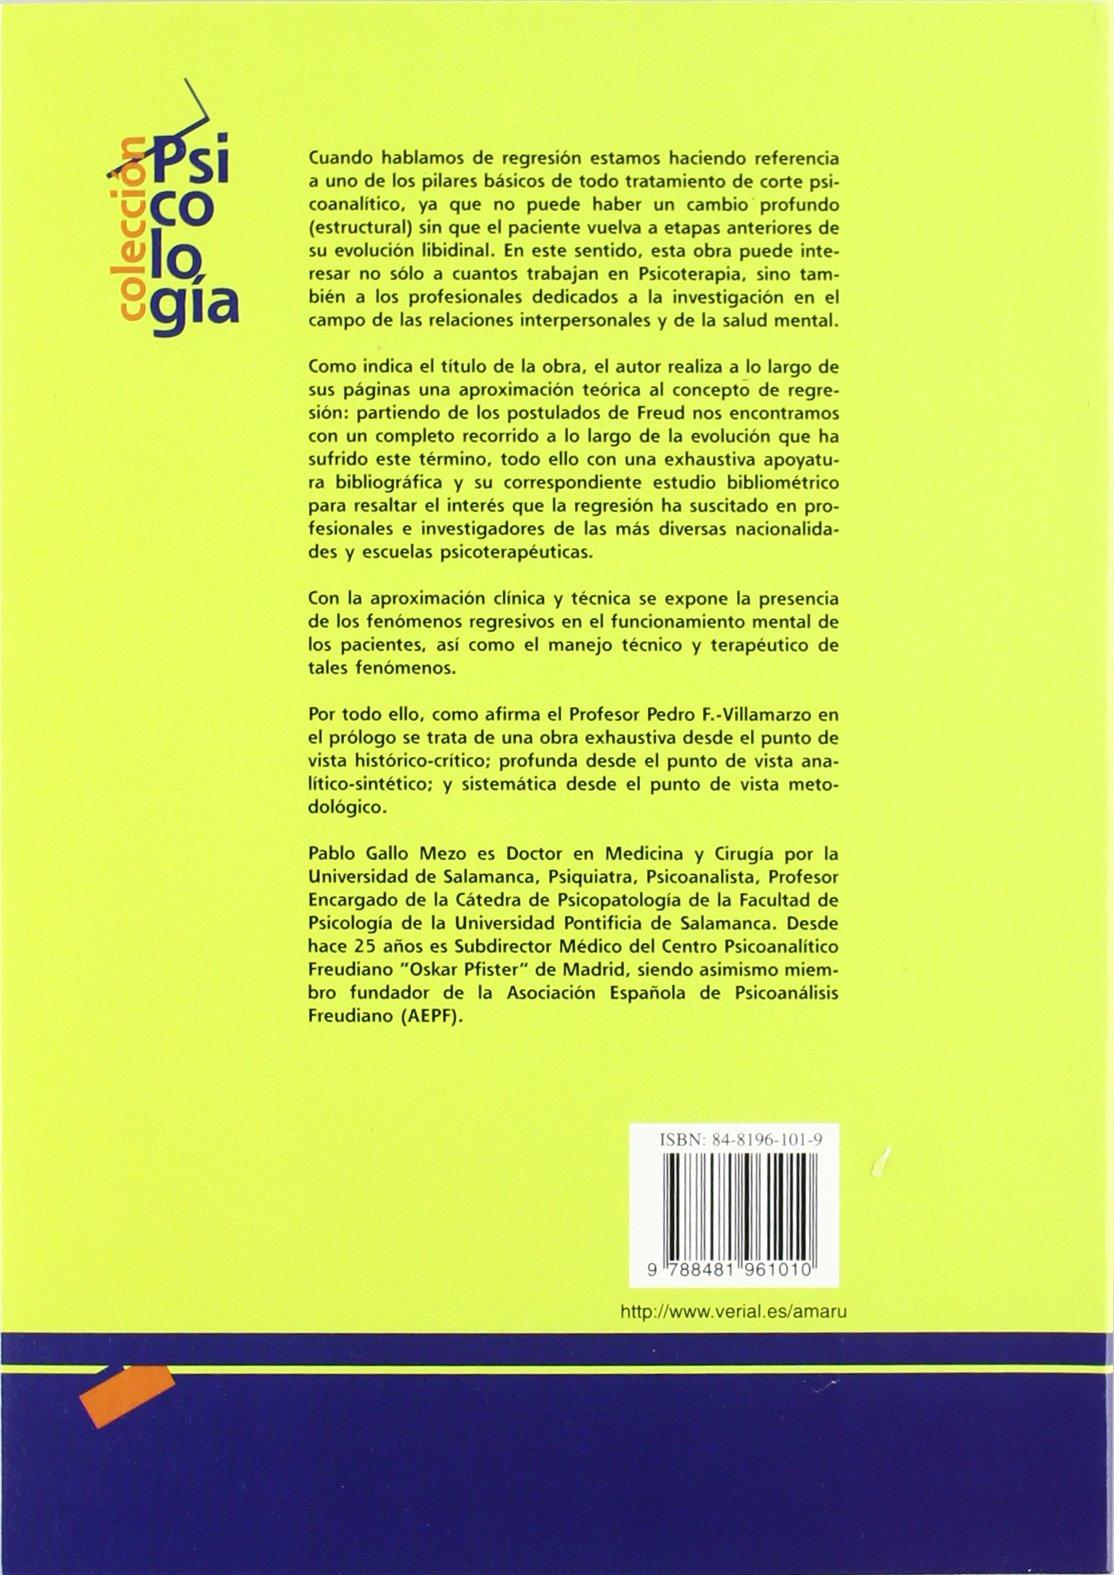 La regresión. Aproximación teórica, clínica y técnica Psicología: Amazon.es: Pablo Gallo Mezo: Libros